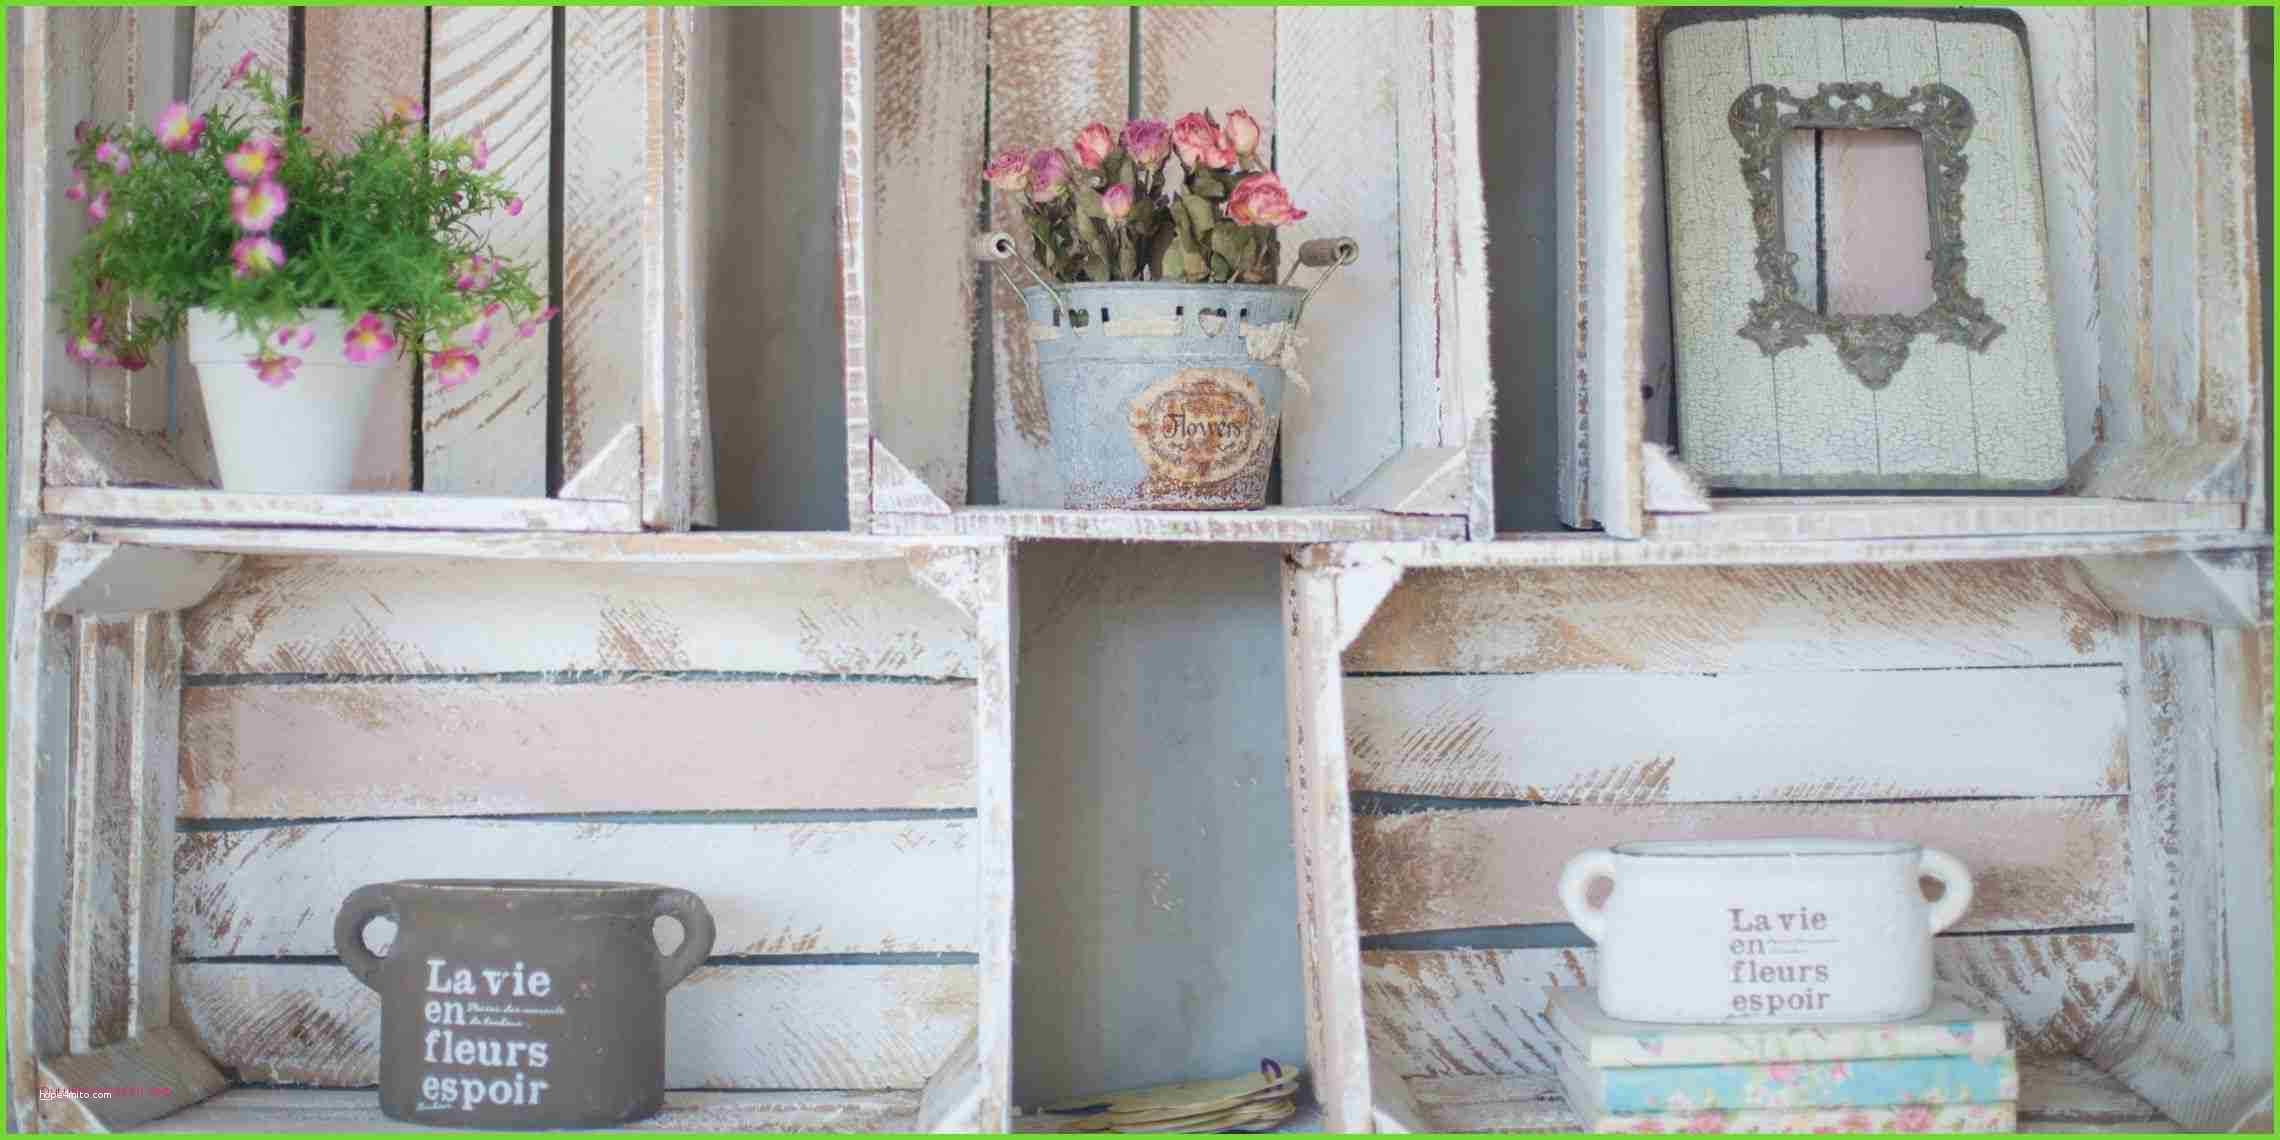 35 genial metall deko selber machen design von wanddeko wohnzimmer metall of wanddeko wohnzimmer metall